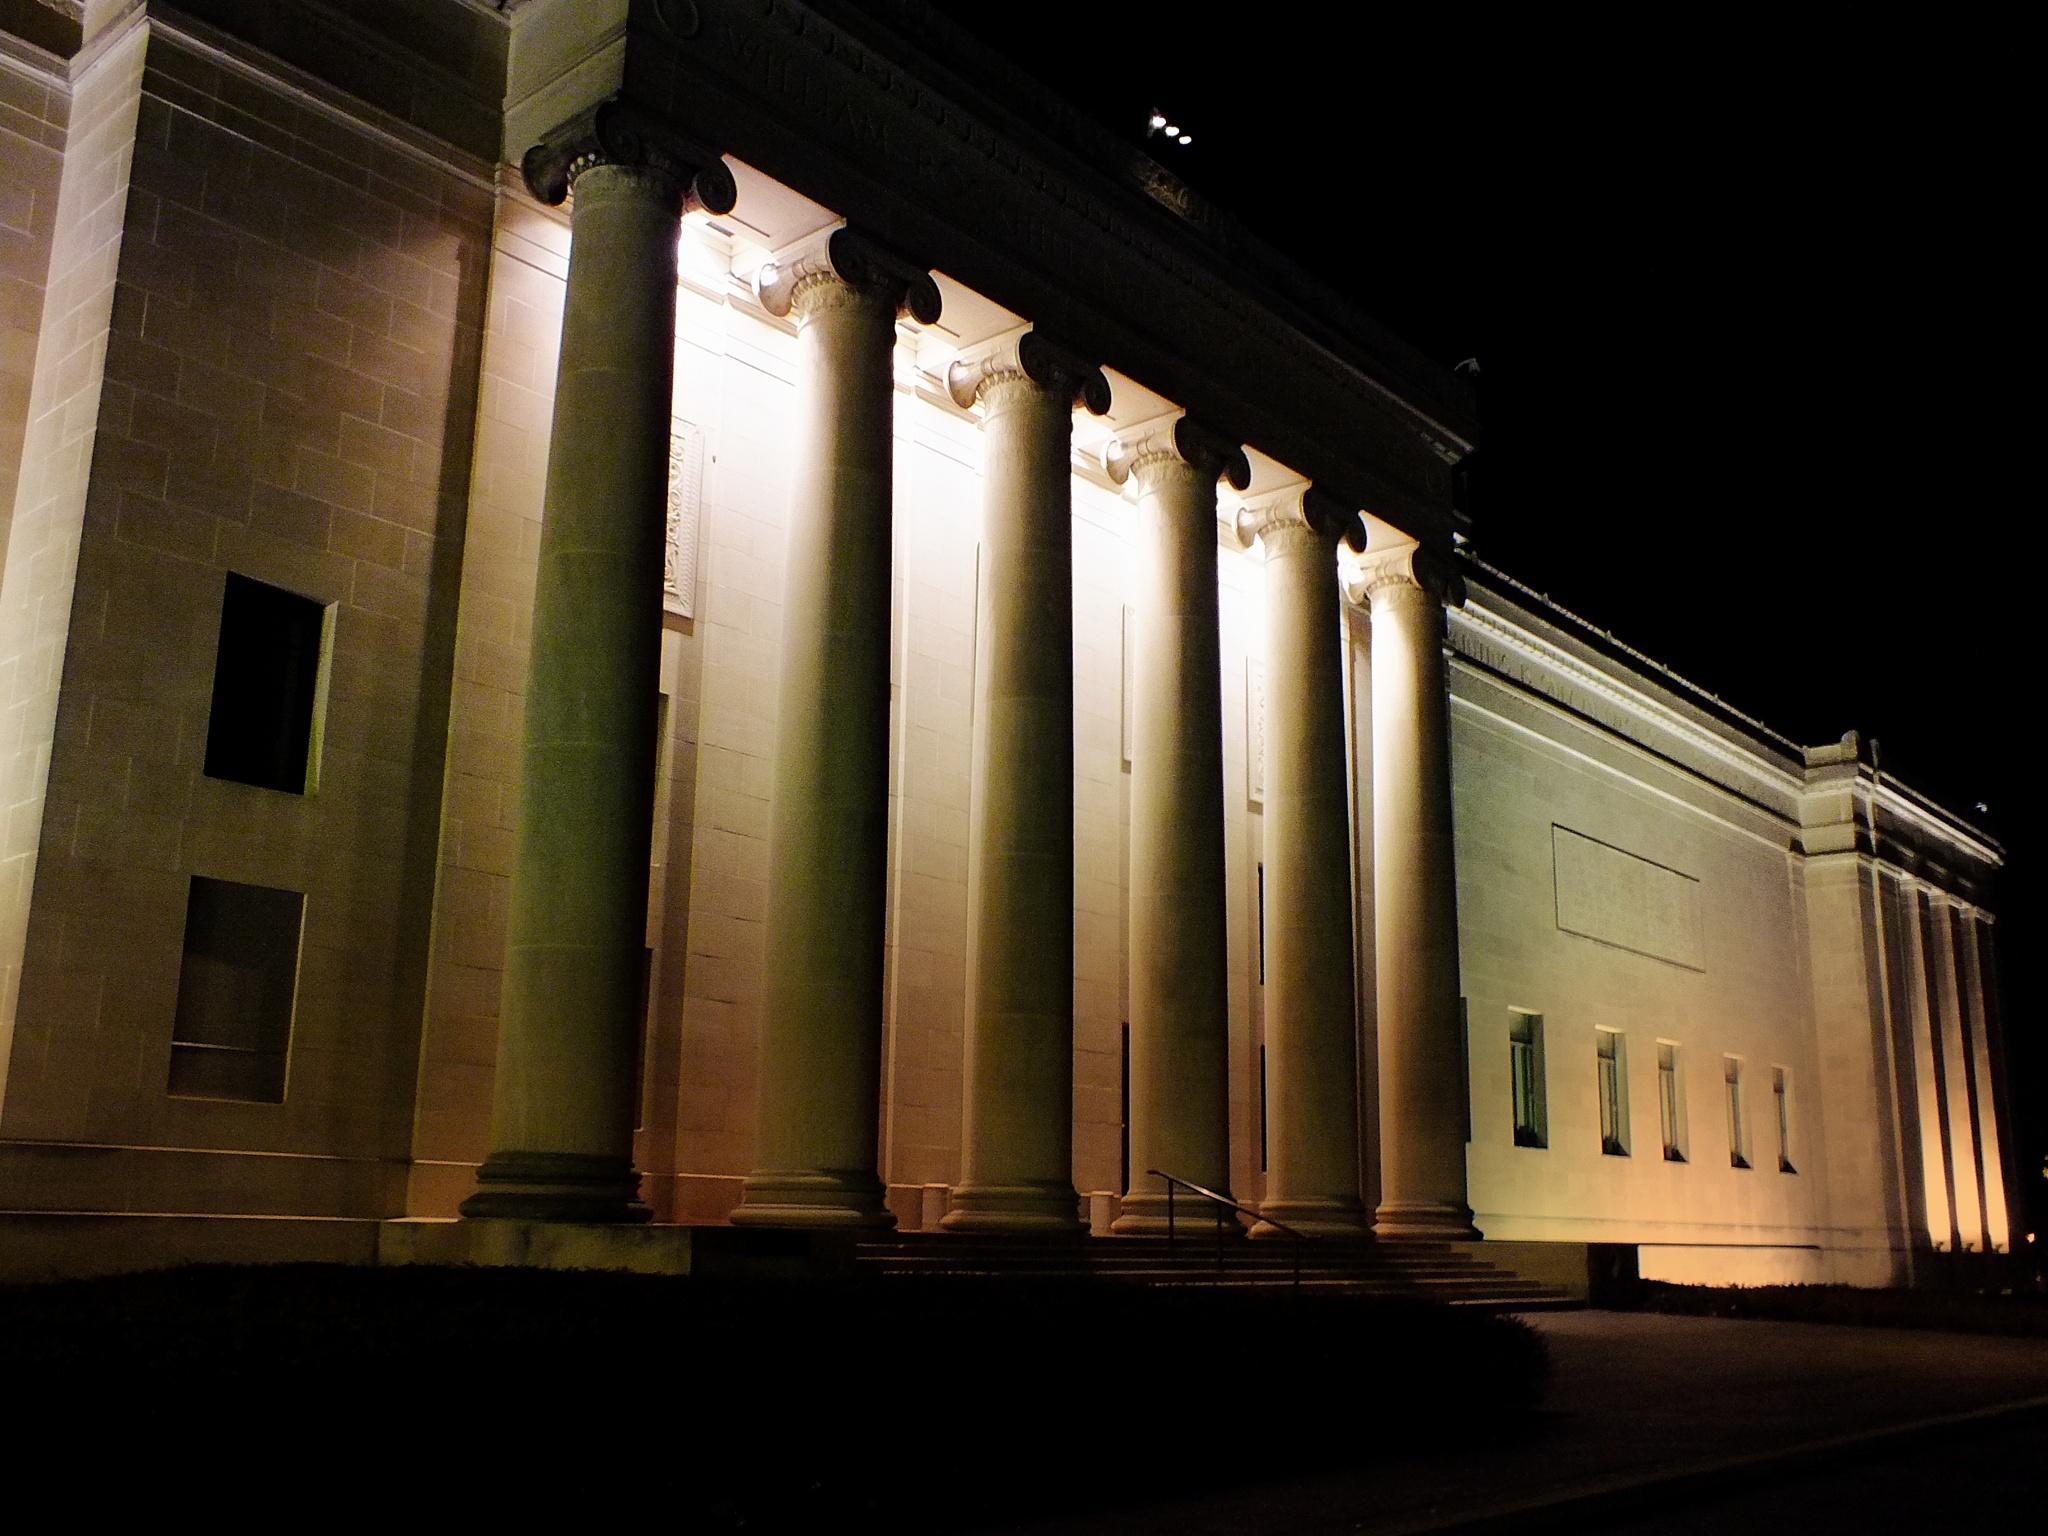 William Nelson - Atkins Museum of Art by Lorenzo (Larry) Jonree